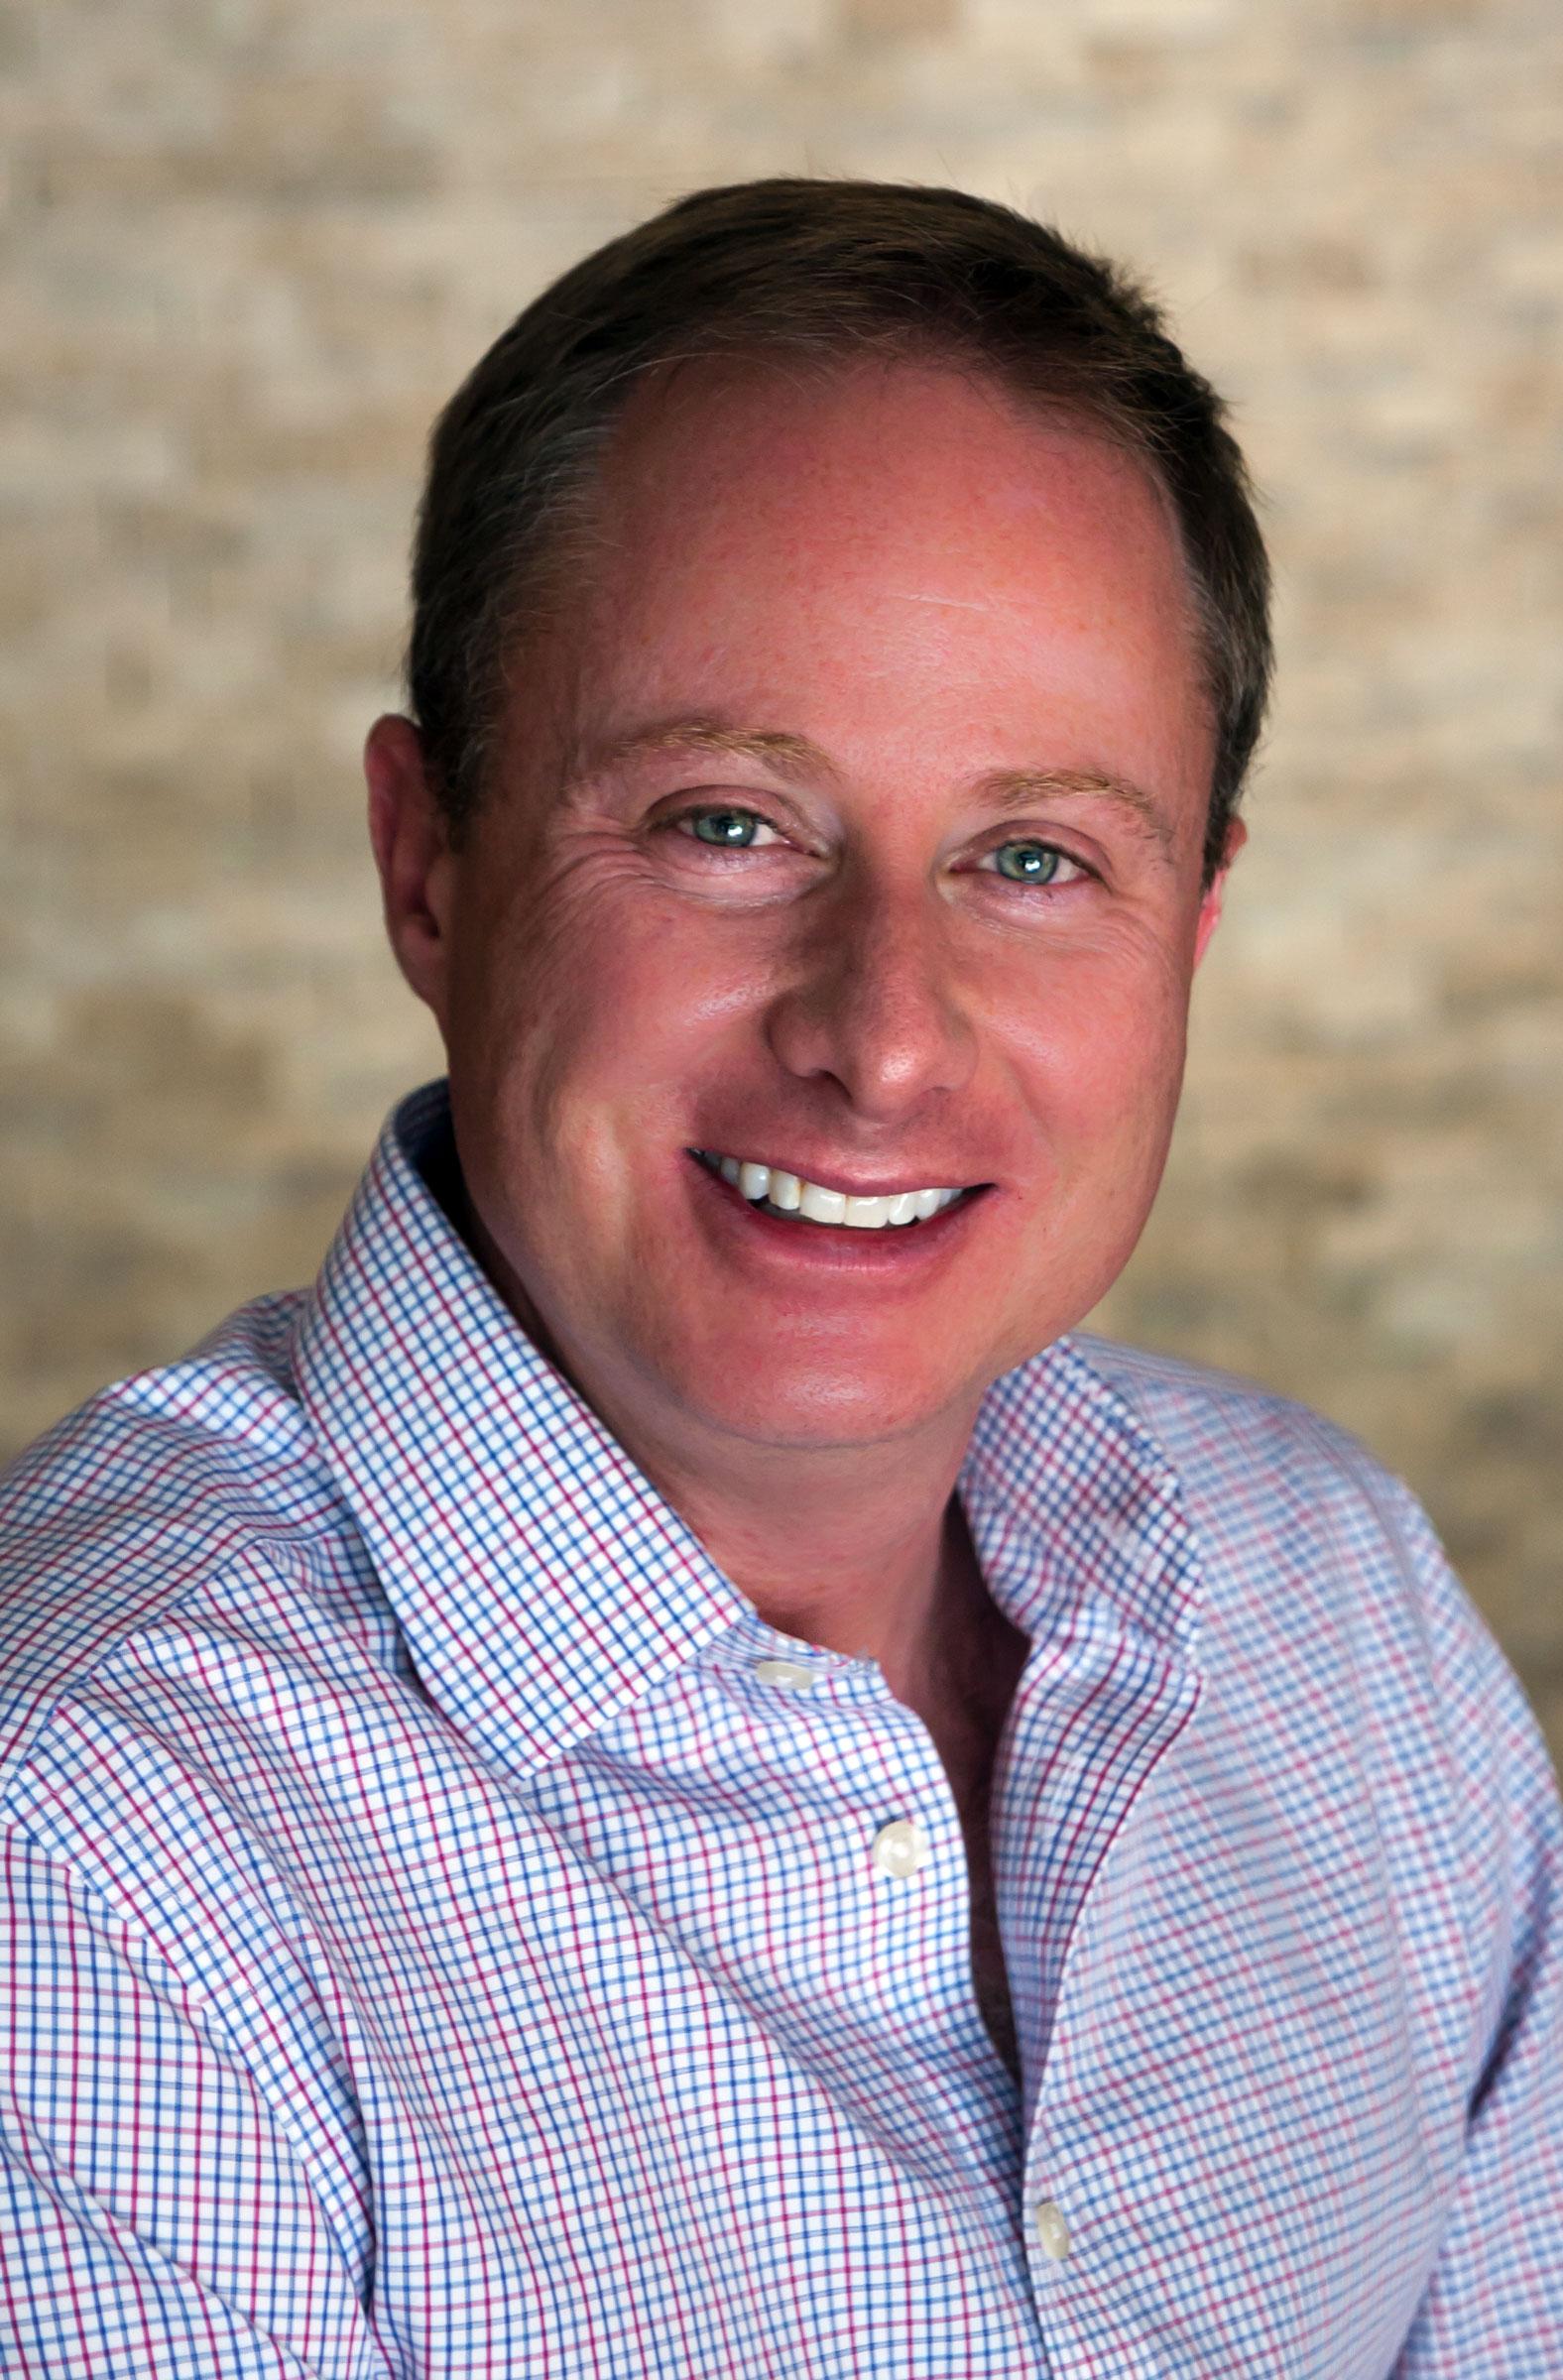 John-Miller-Dentist2.jpg